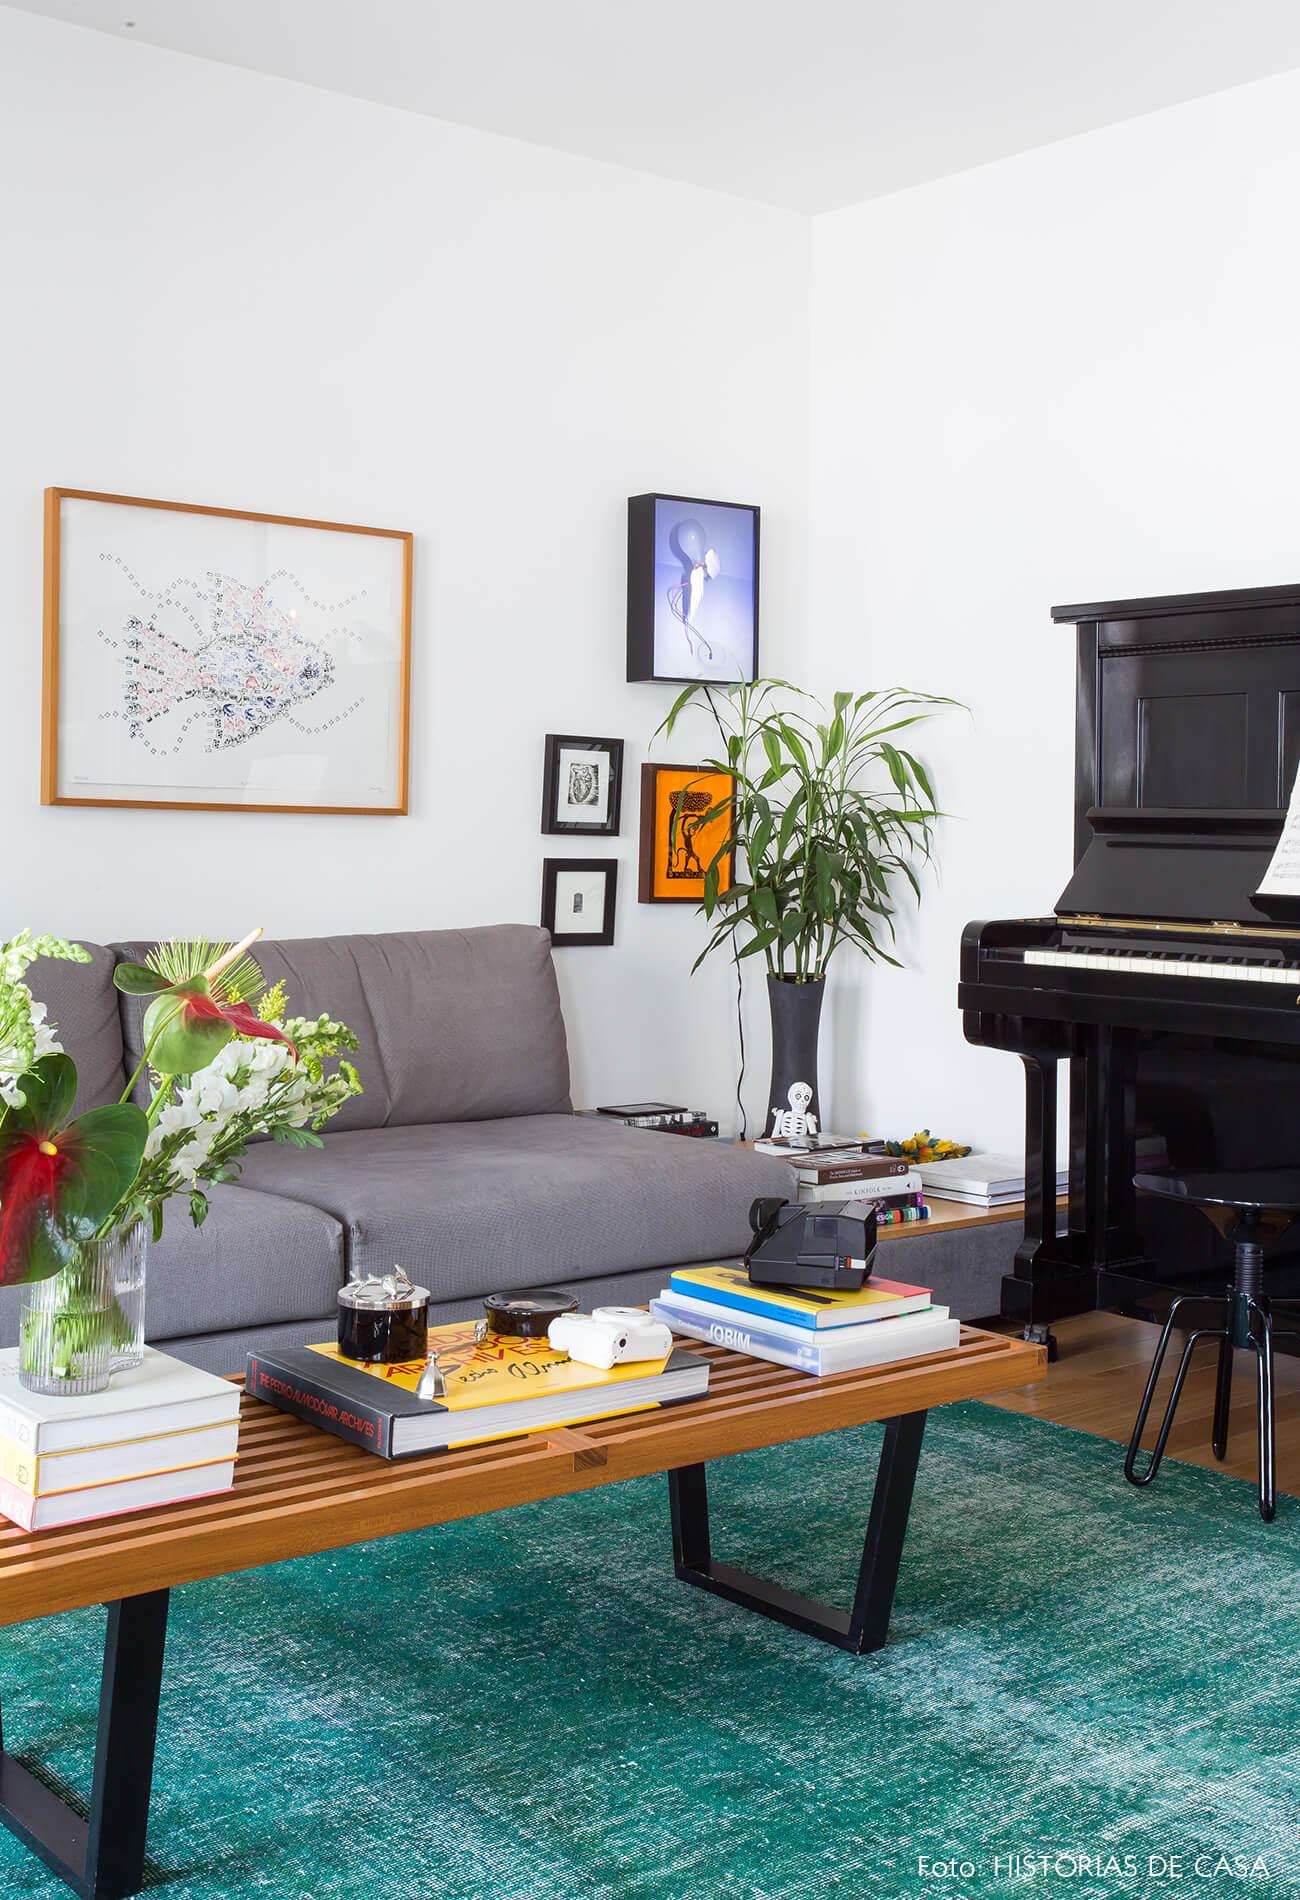 sala-com-piano-e-tapete-azul